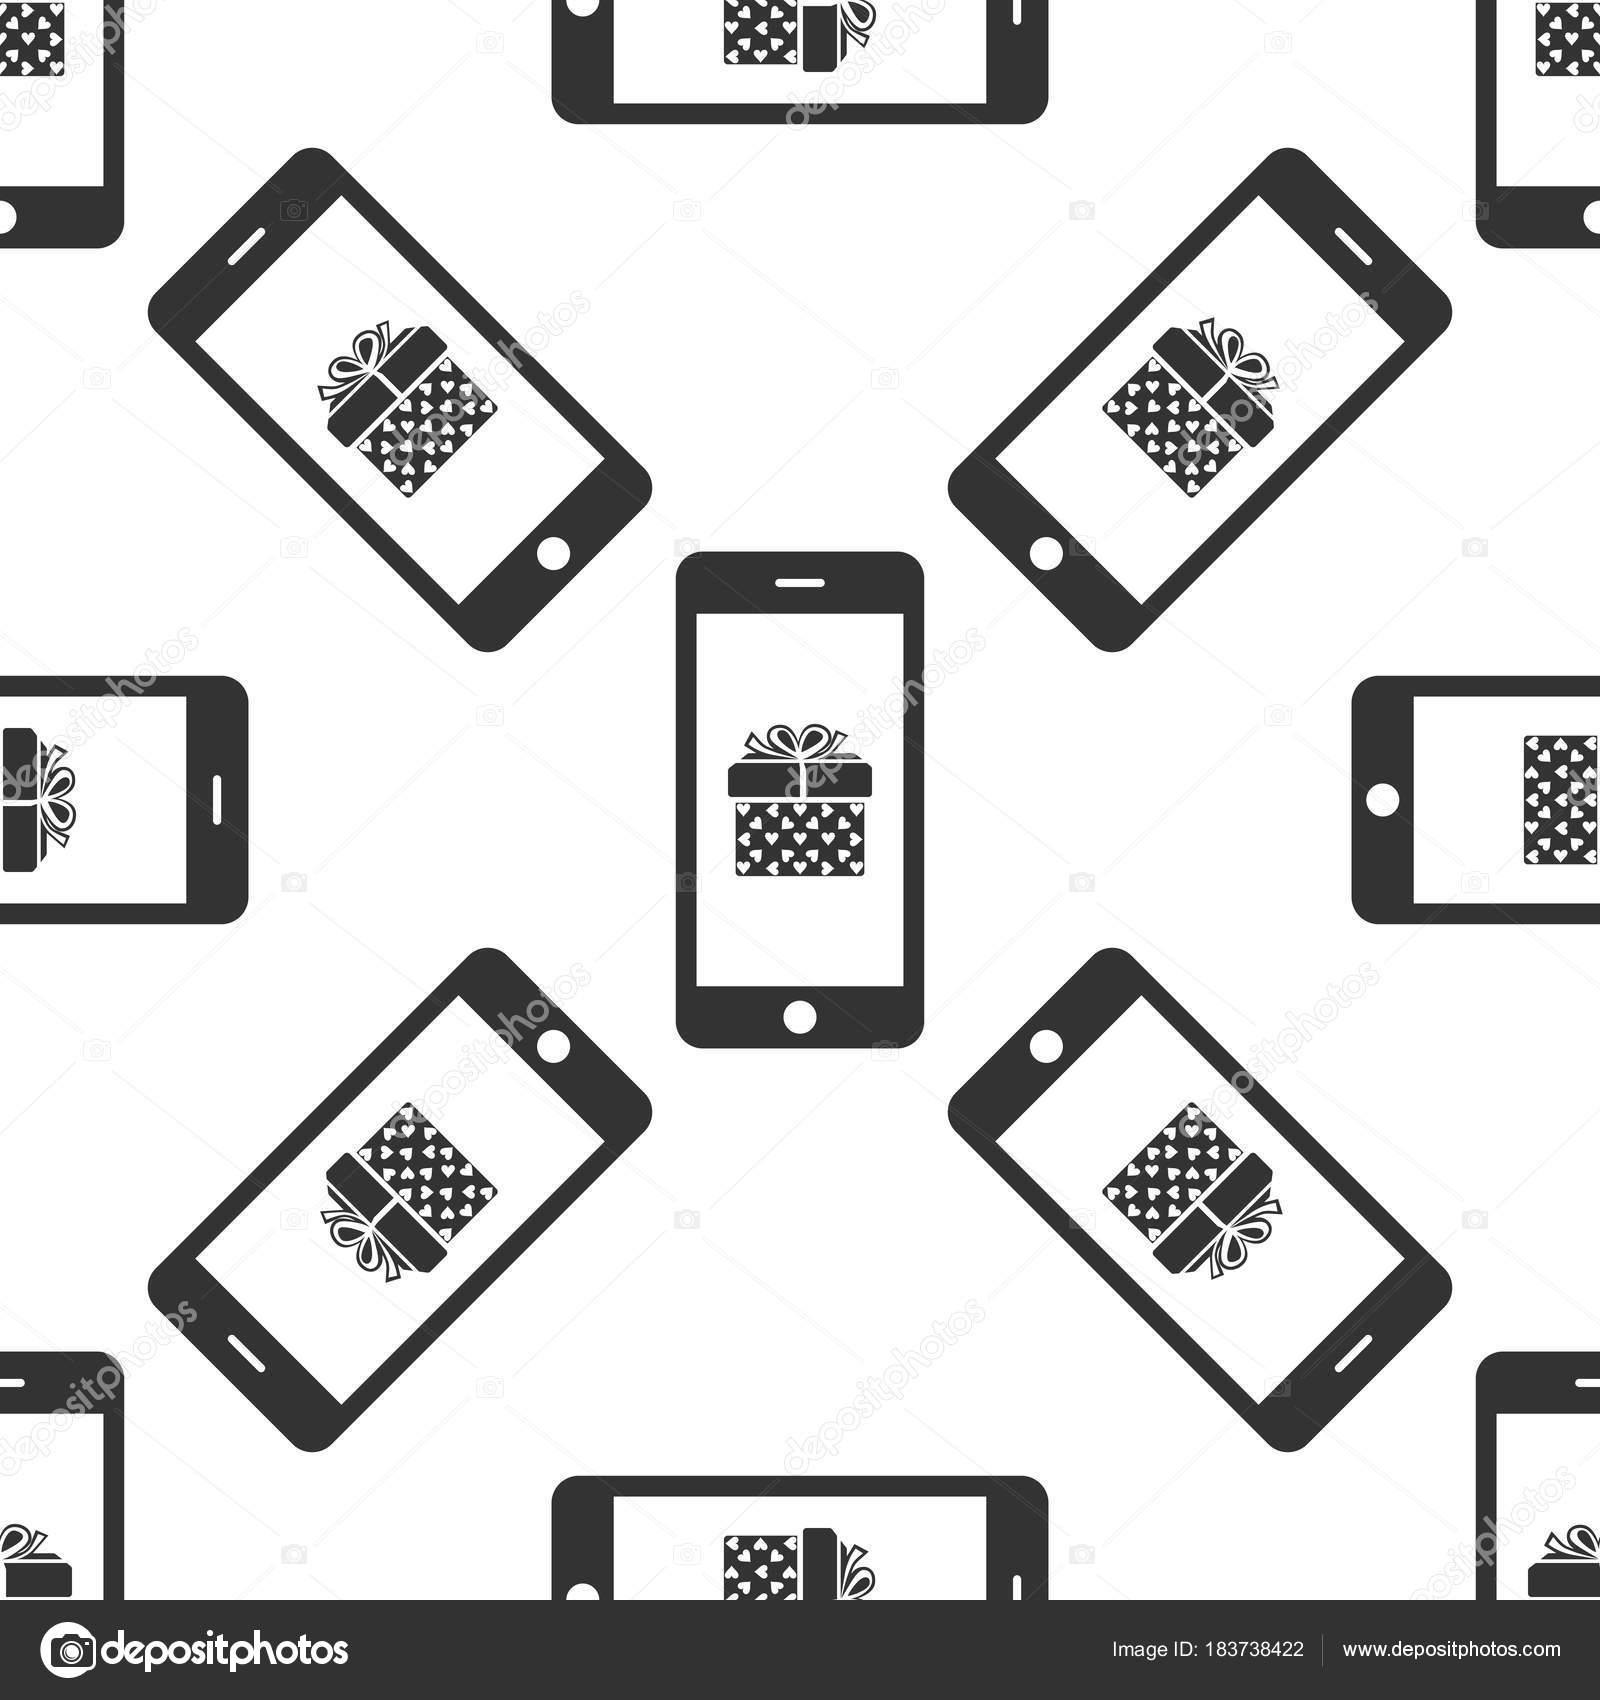 Smartphone mit Geschenk-Box und Herz-Symbol auf dem Bildschirm ...